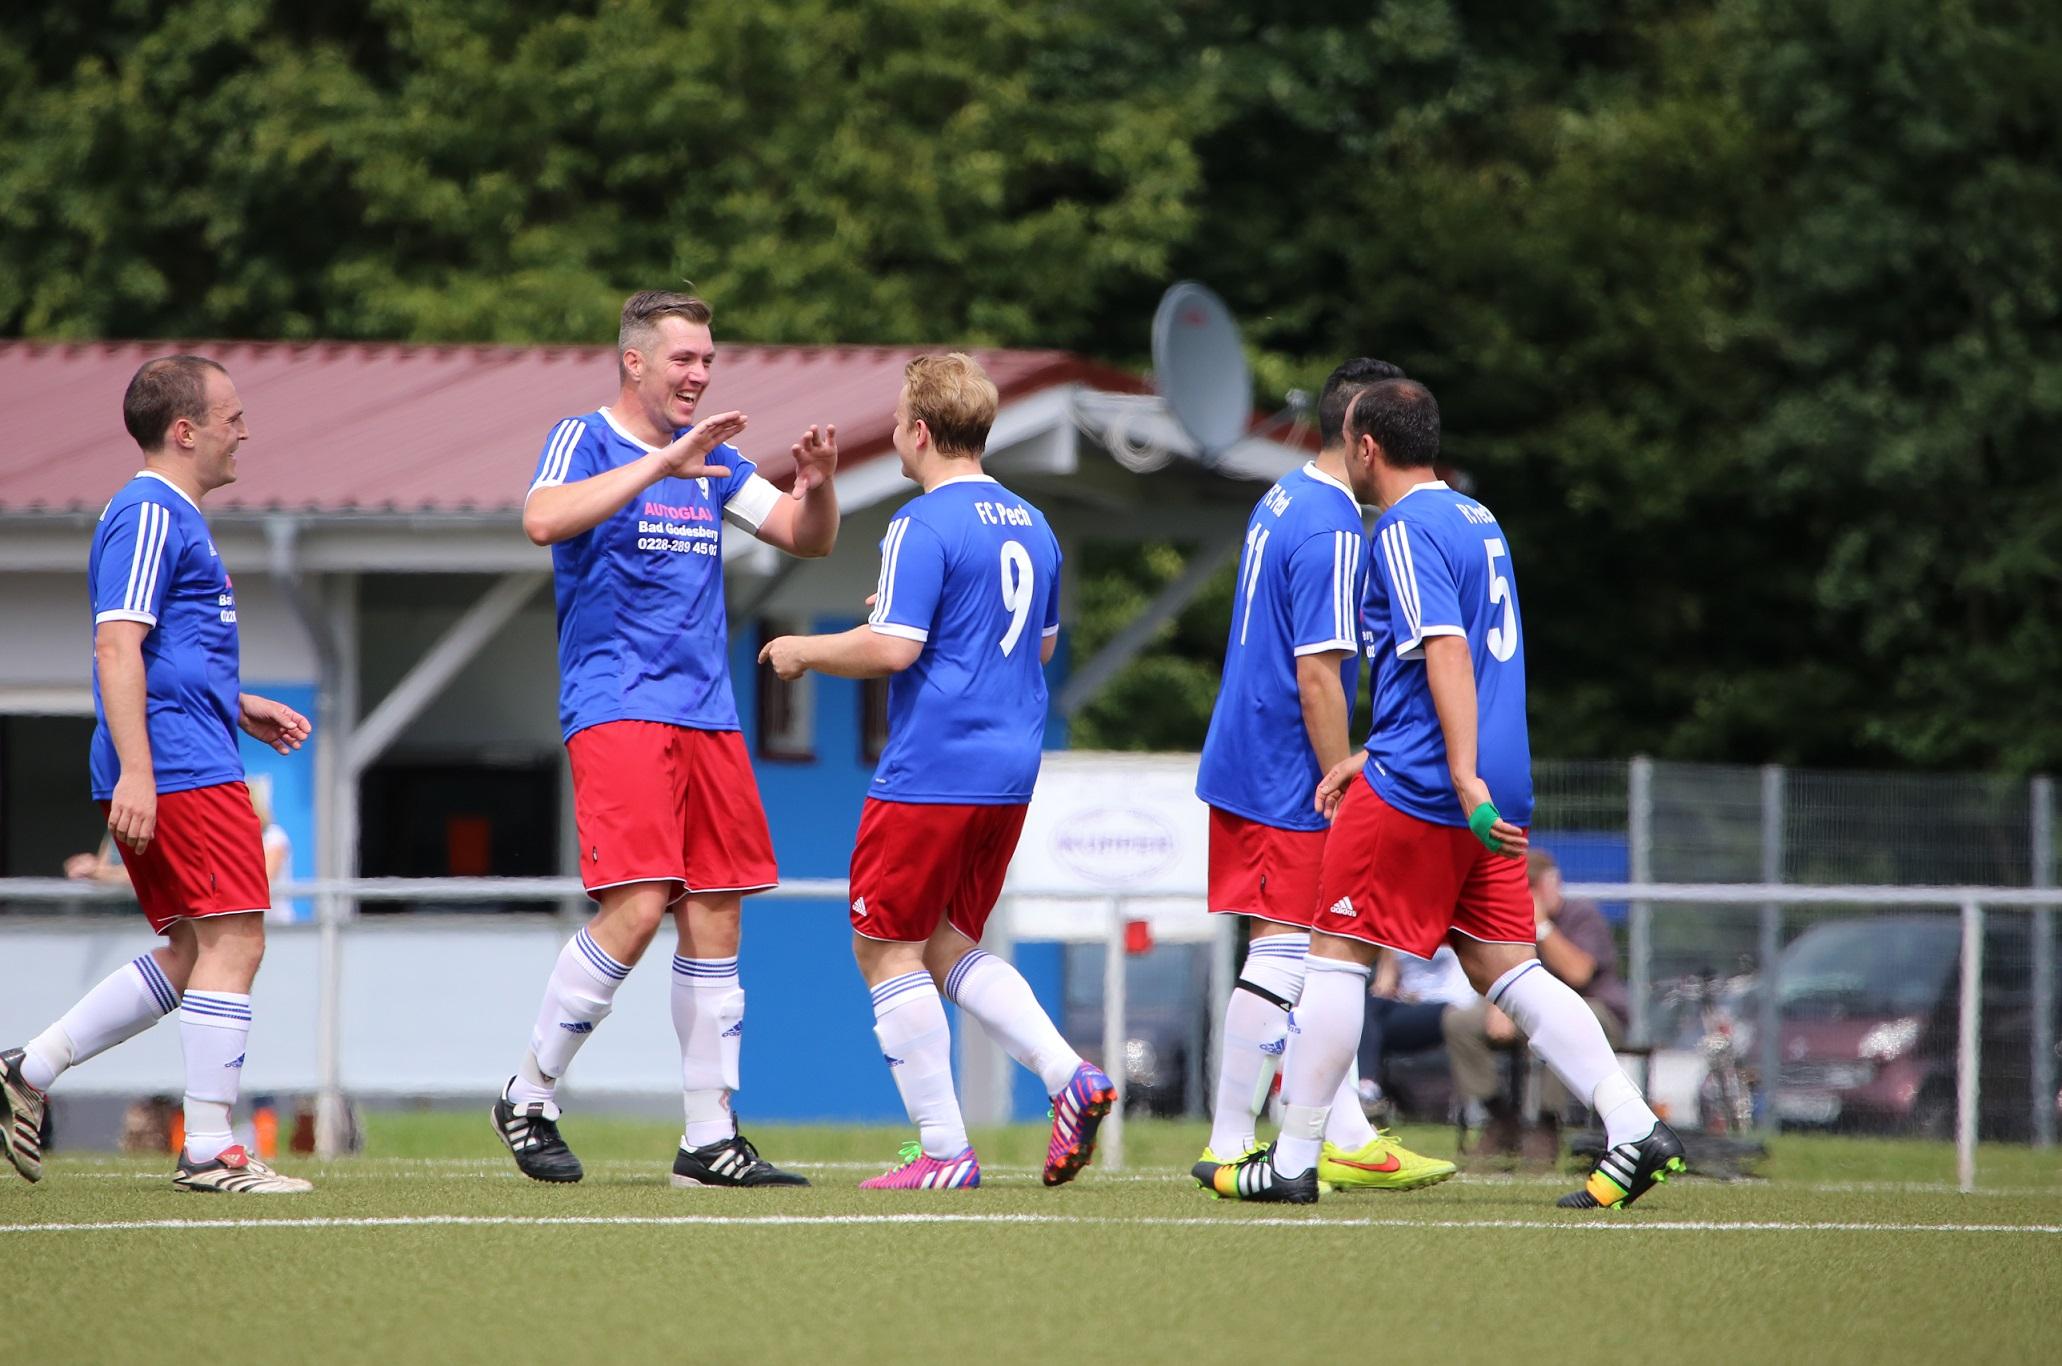 FC Pech vs RW Roettgen